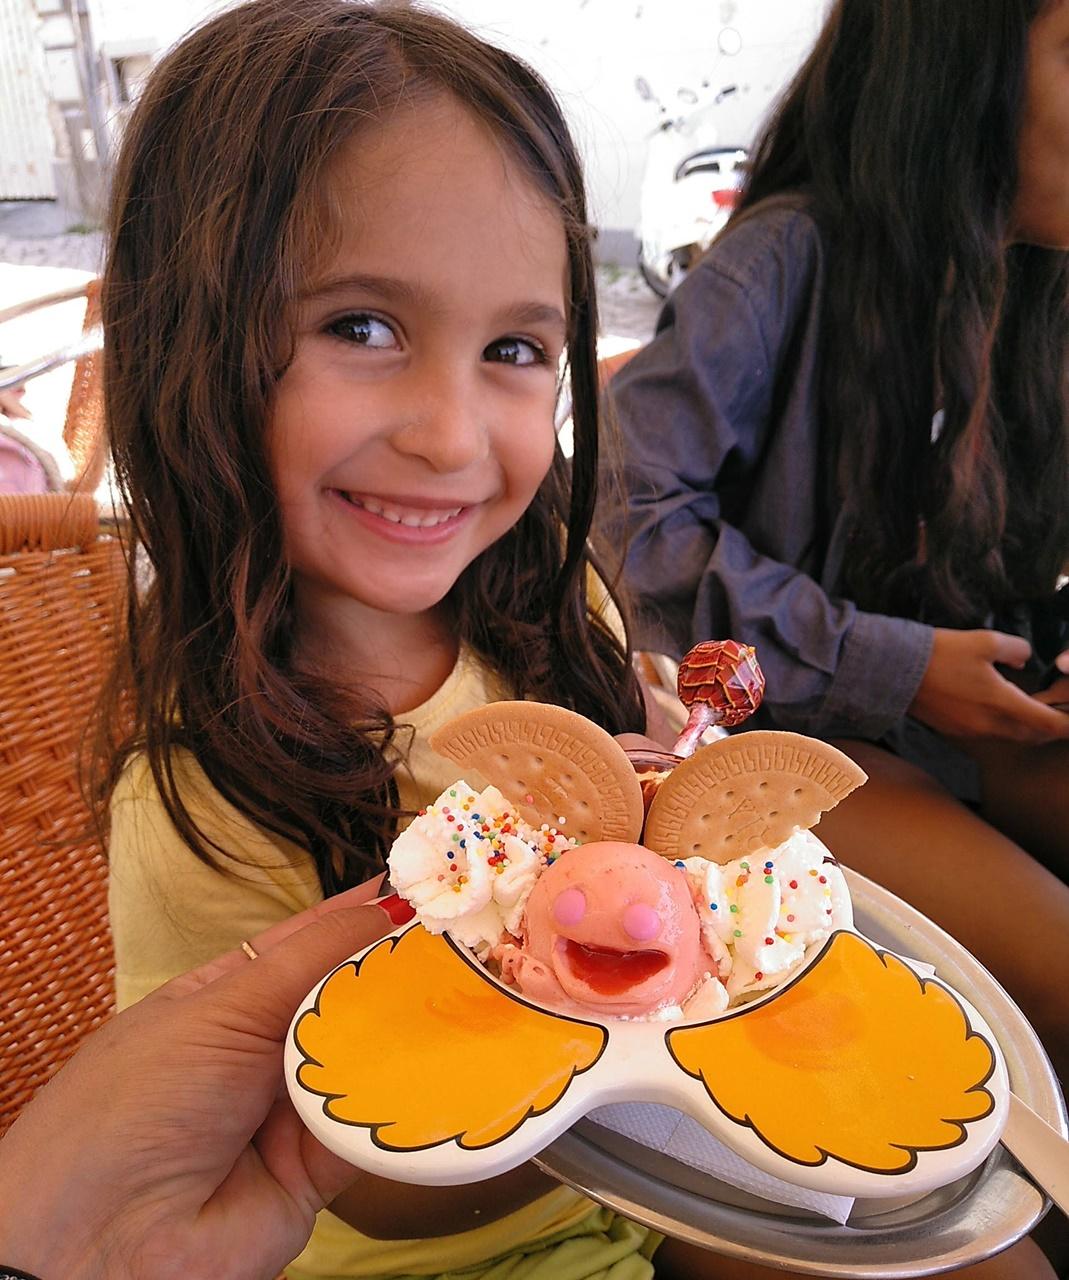 5-sorveterias-de-madrid-que-tu-tens-que-conhecer